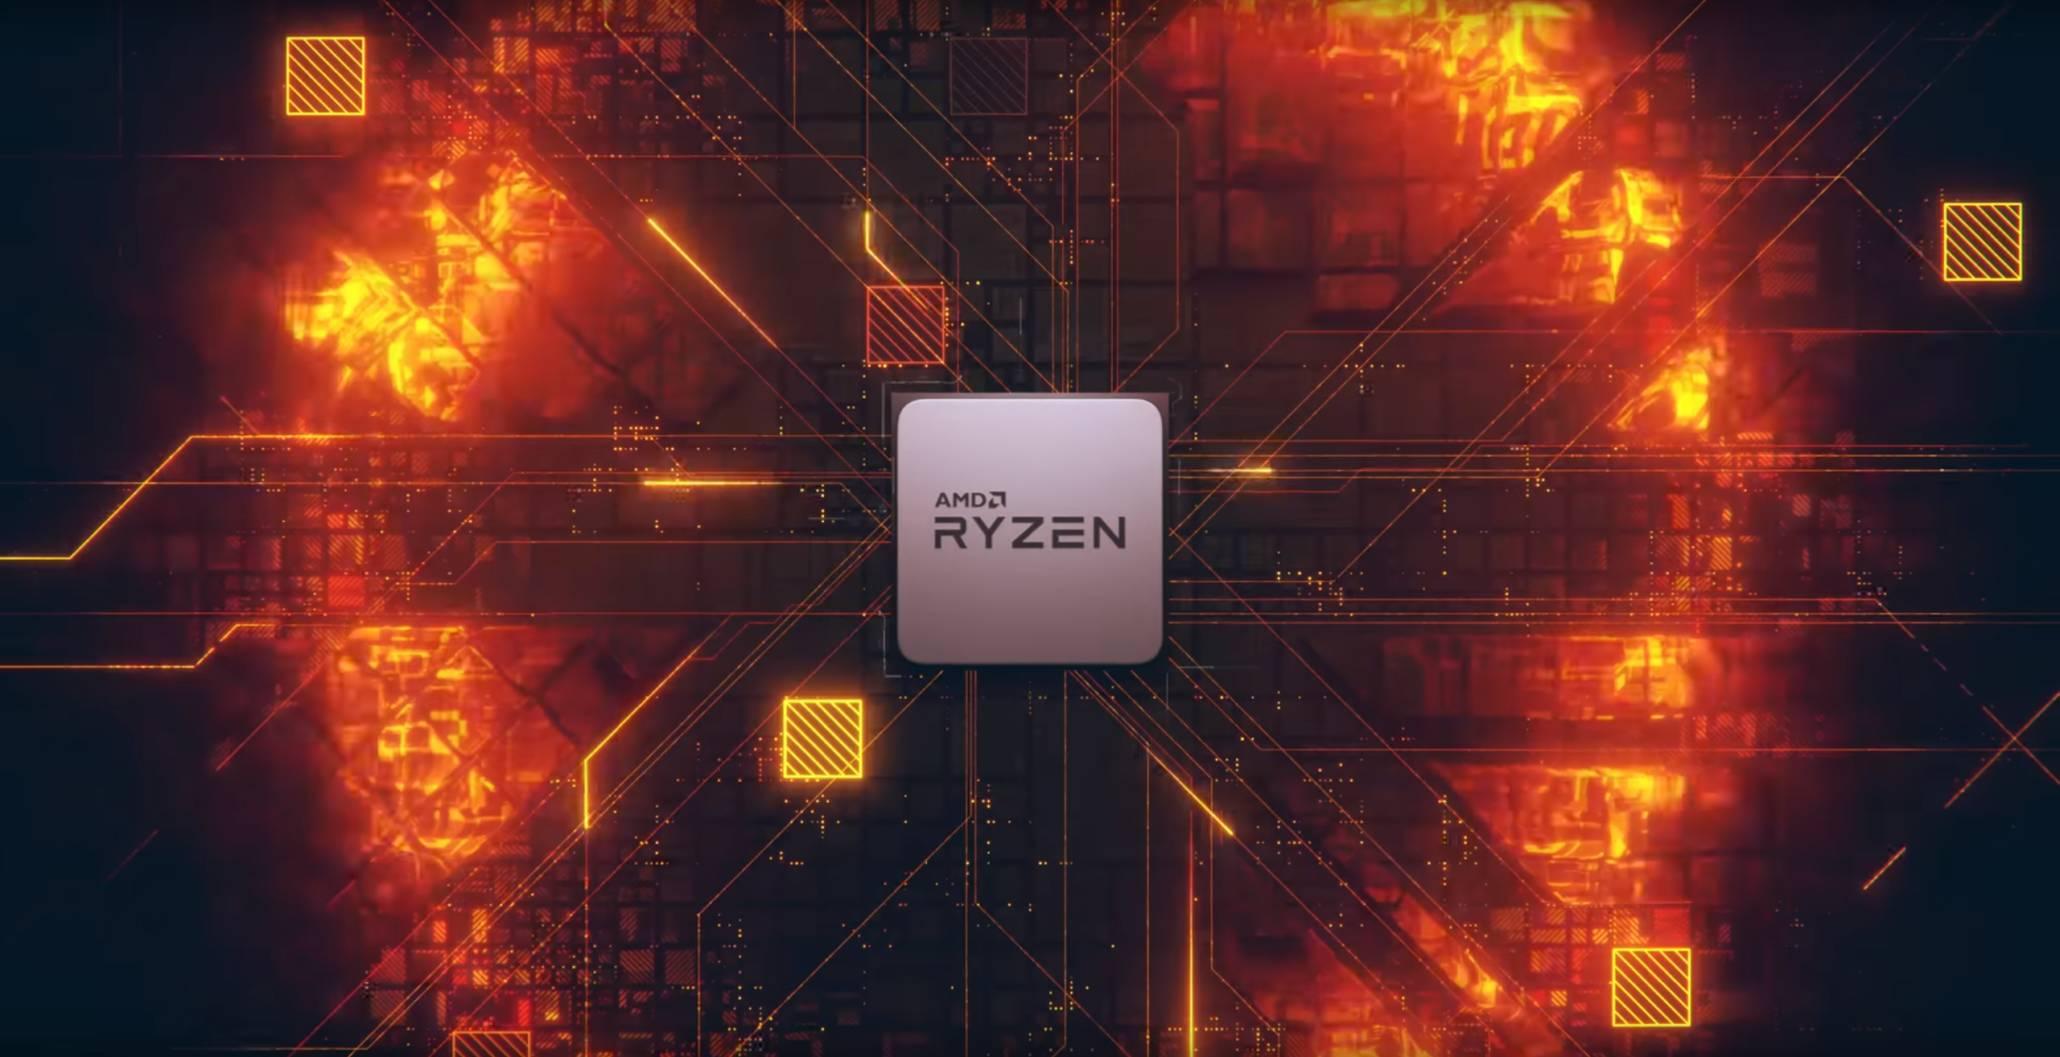 Imagen promocional de AMD Ryzen